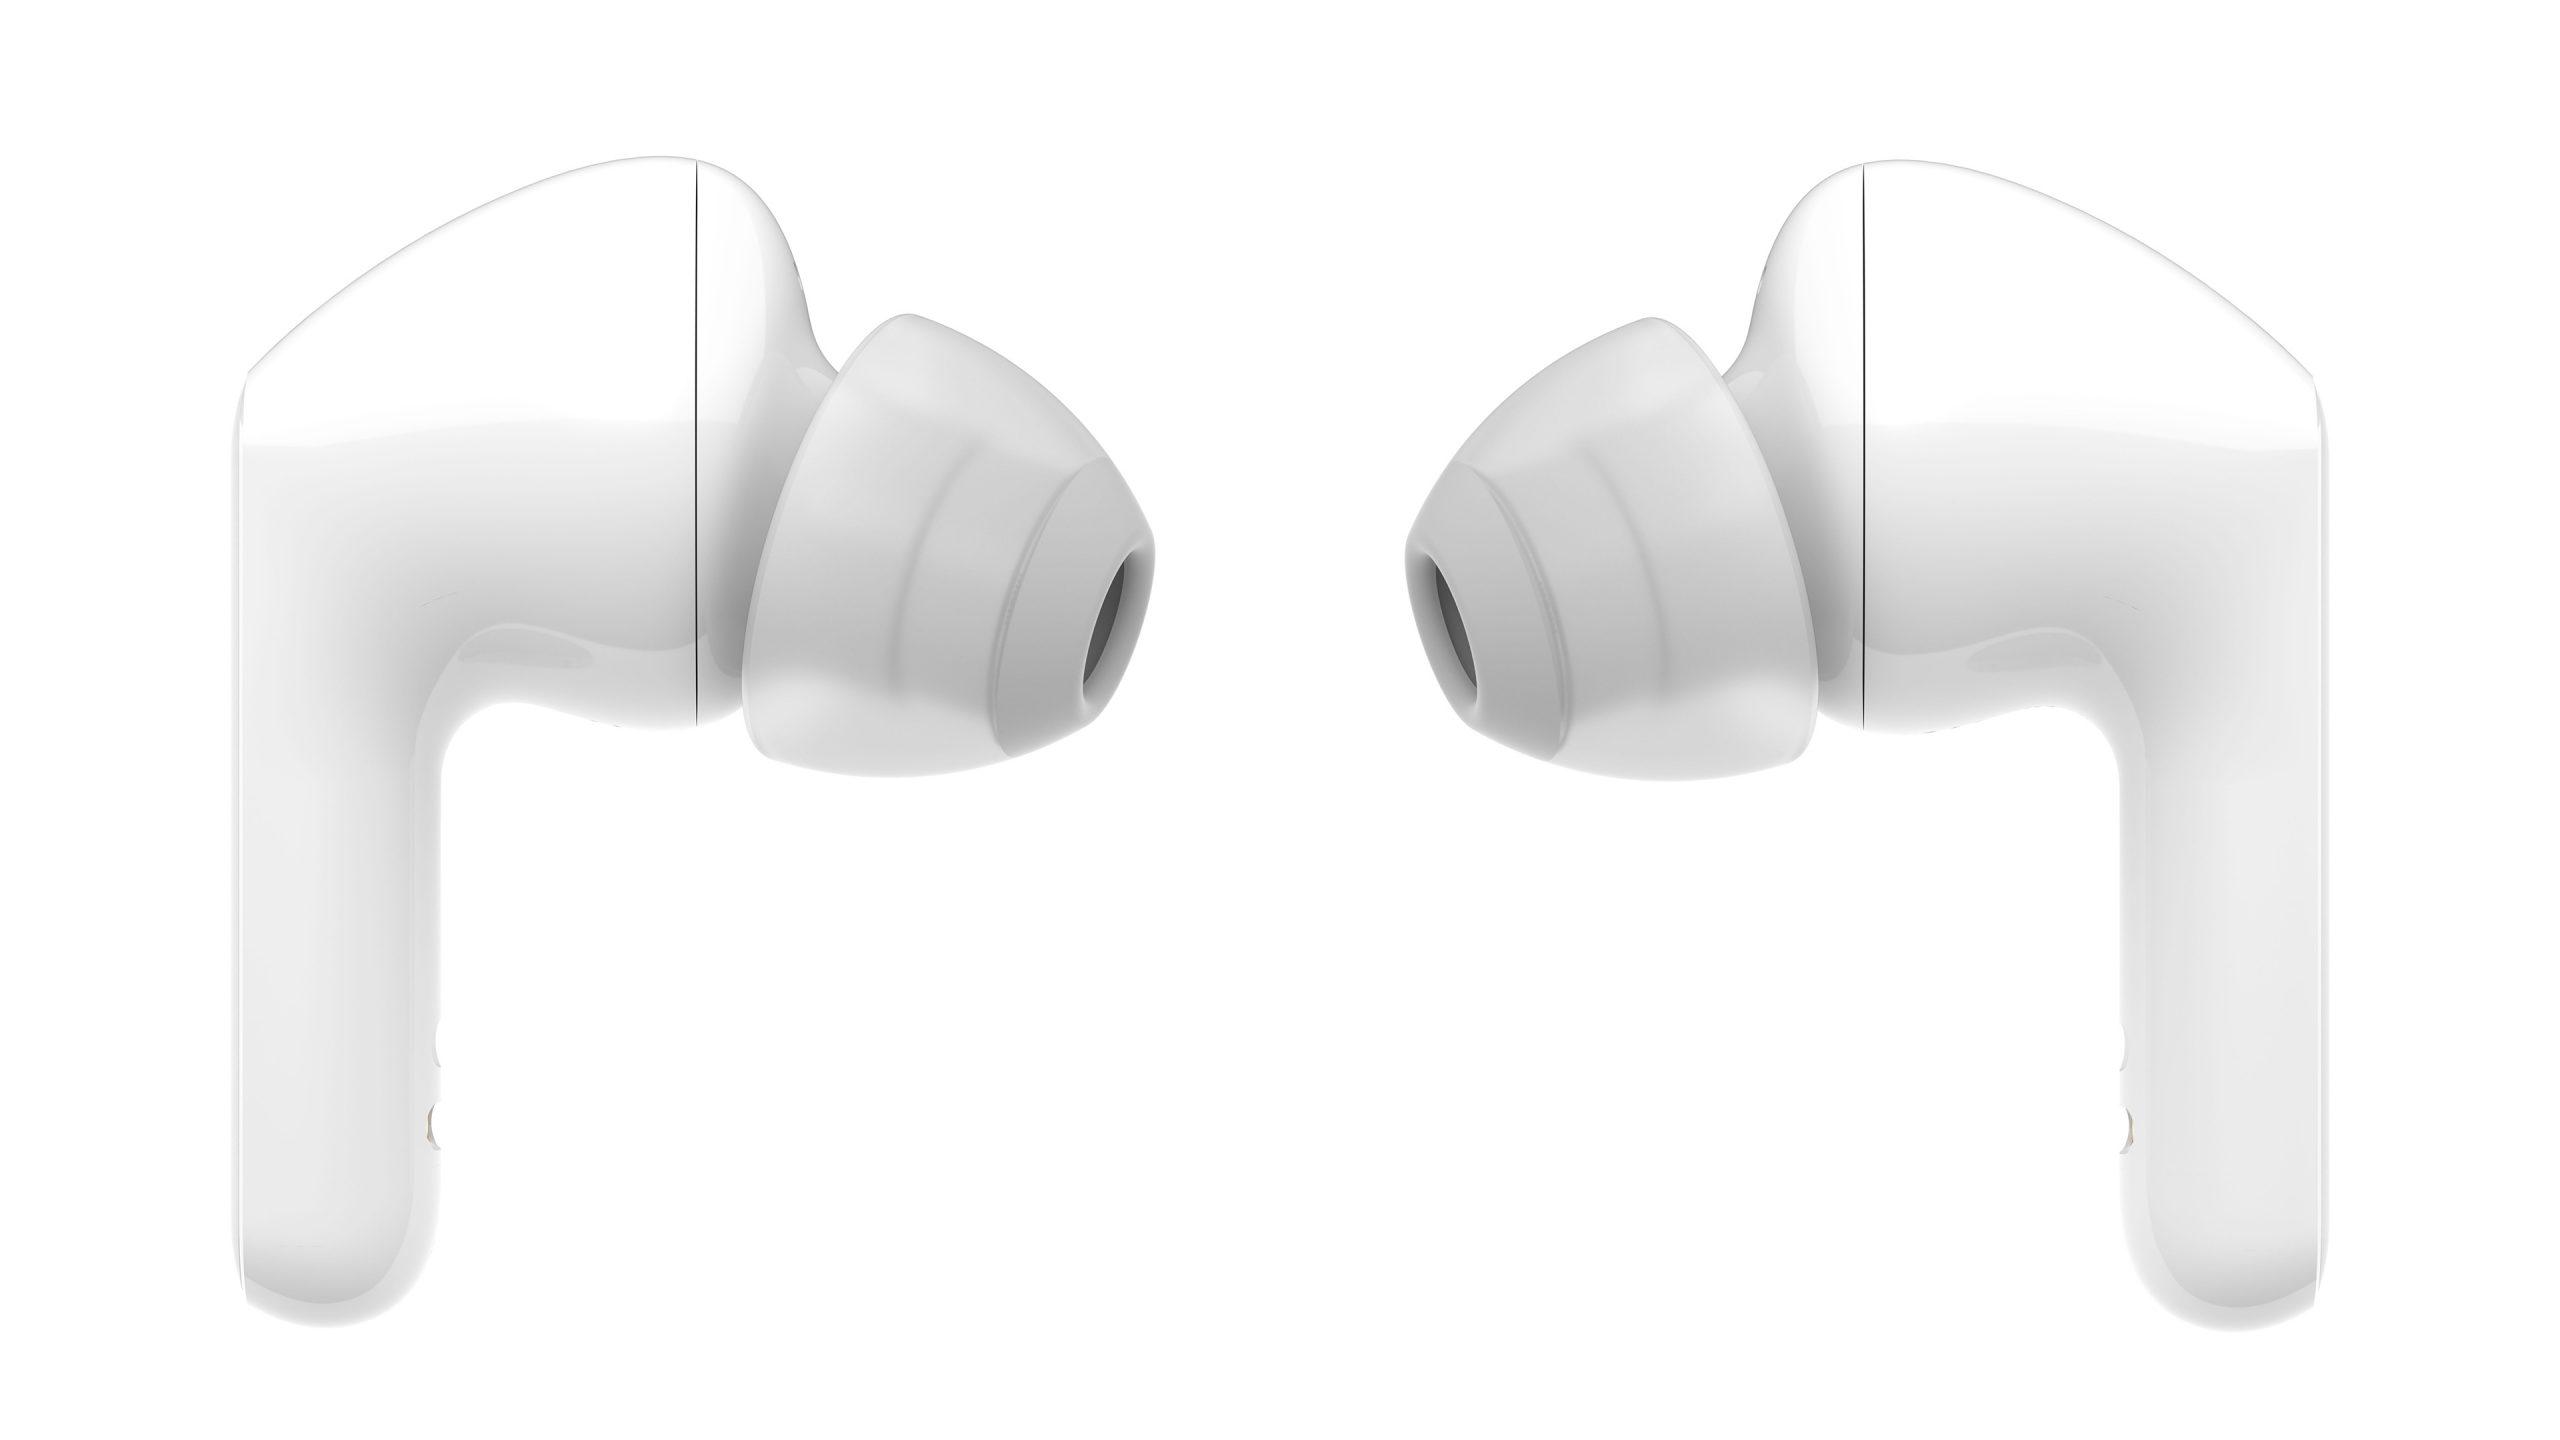 LG HBS-FN6 white